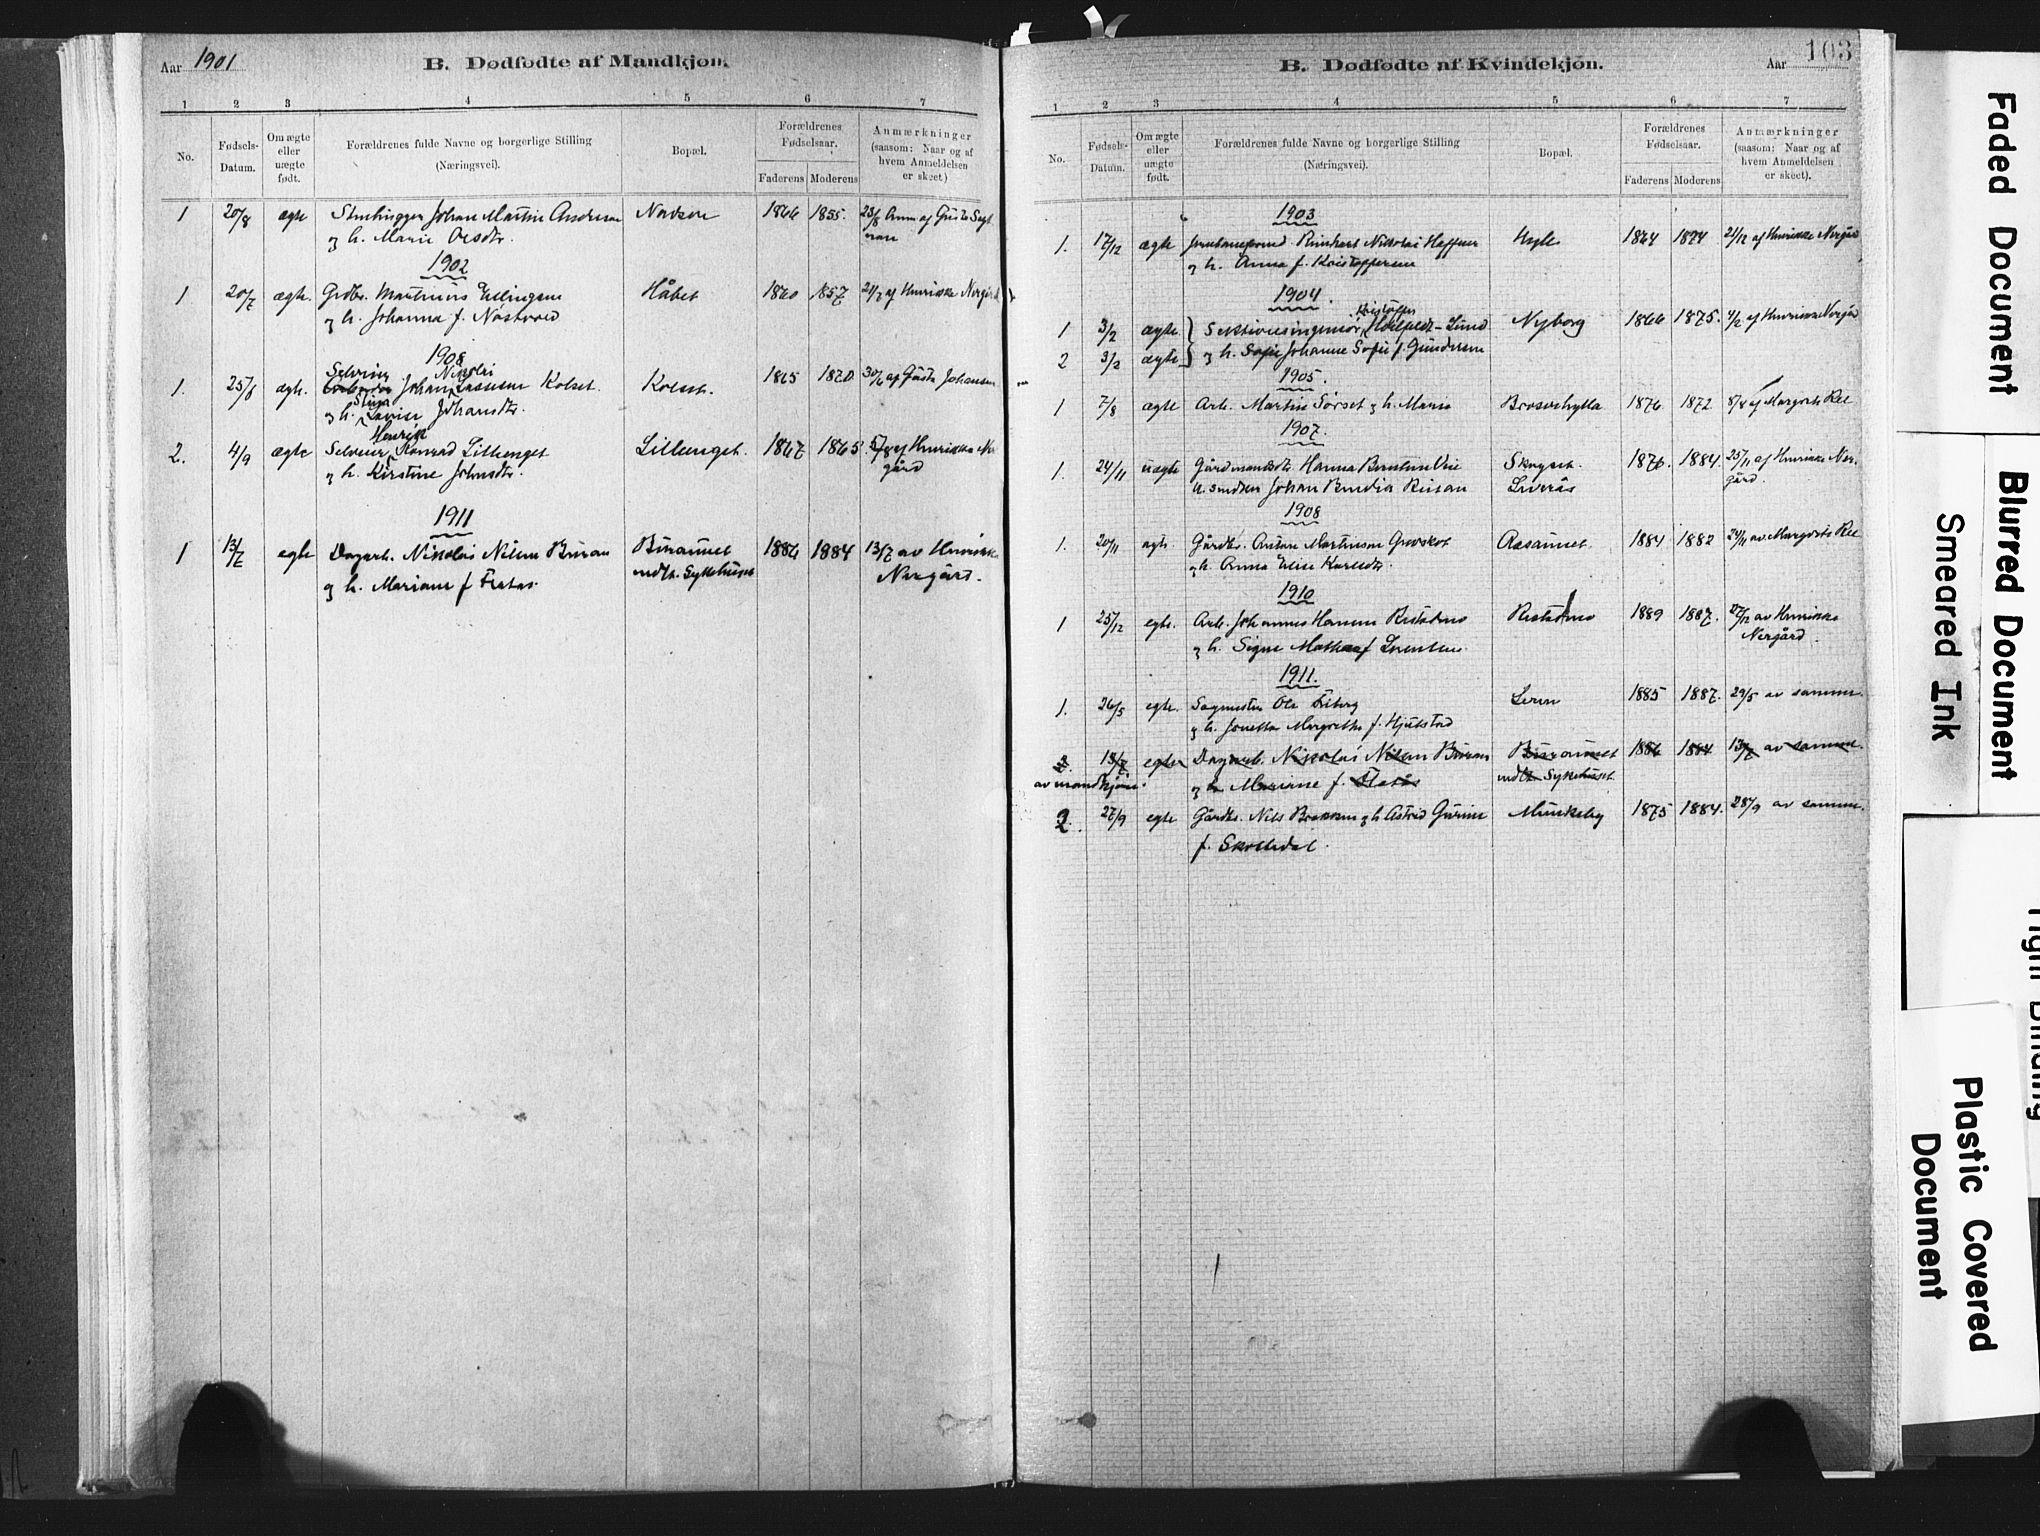 SAT, Ministerialprotokoller, klokkerbøker og fødselsregistre - Nord-Trøndelag, 721/L0207: Ministerialbok nr. 721A02, 1880-1911, s. 103